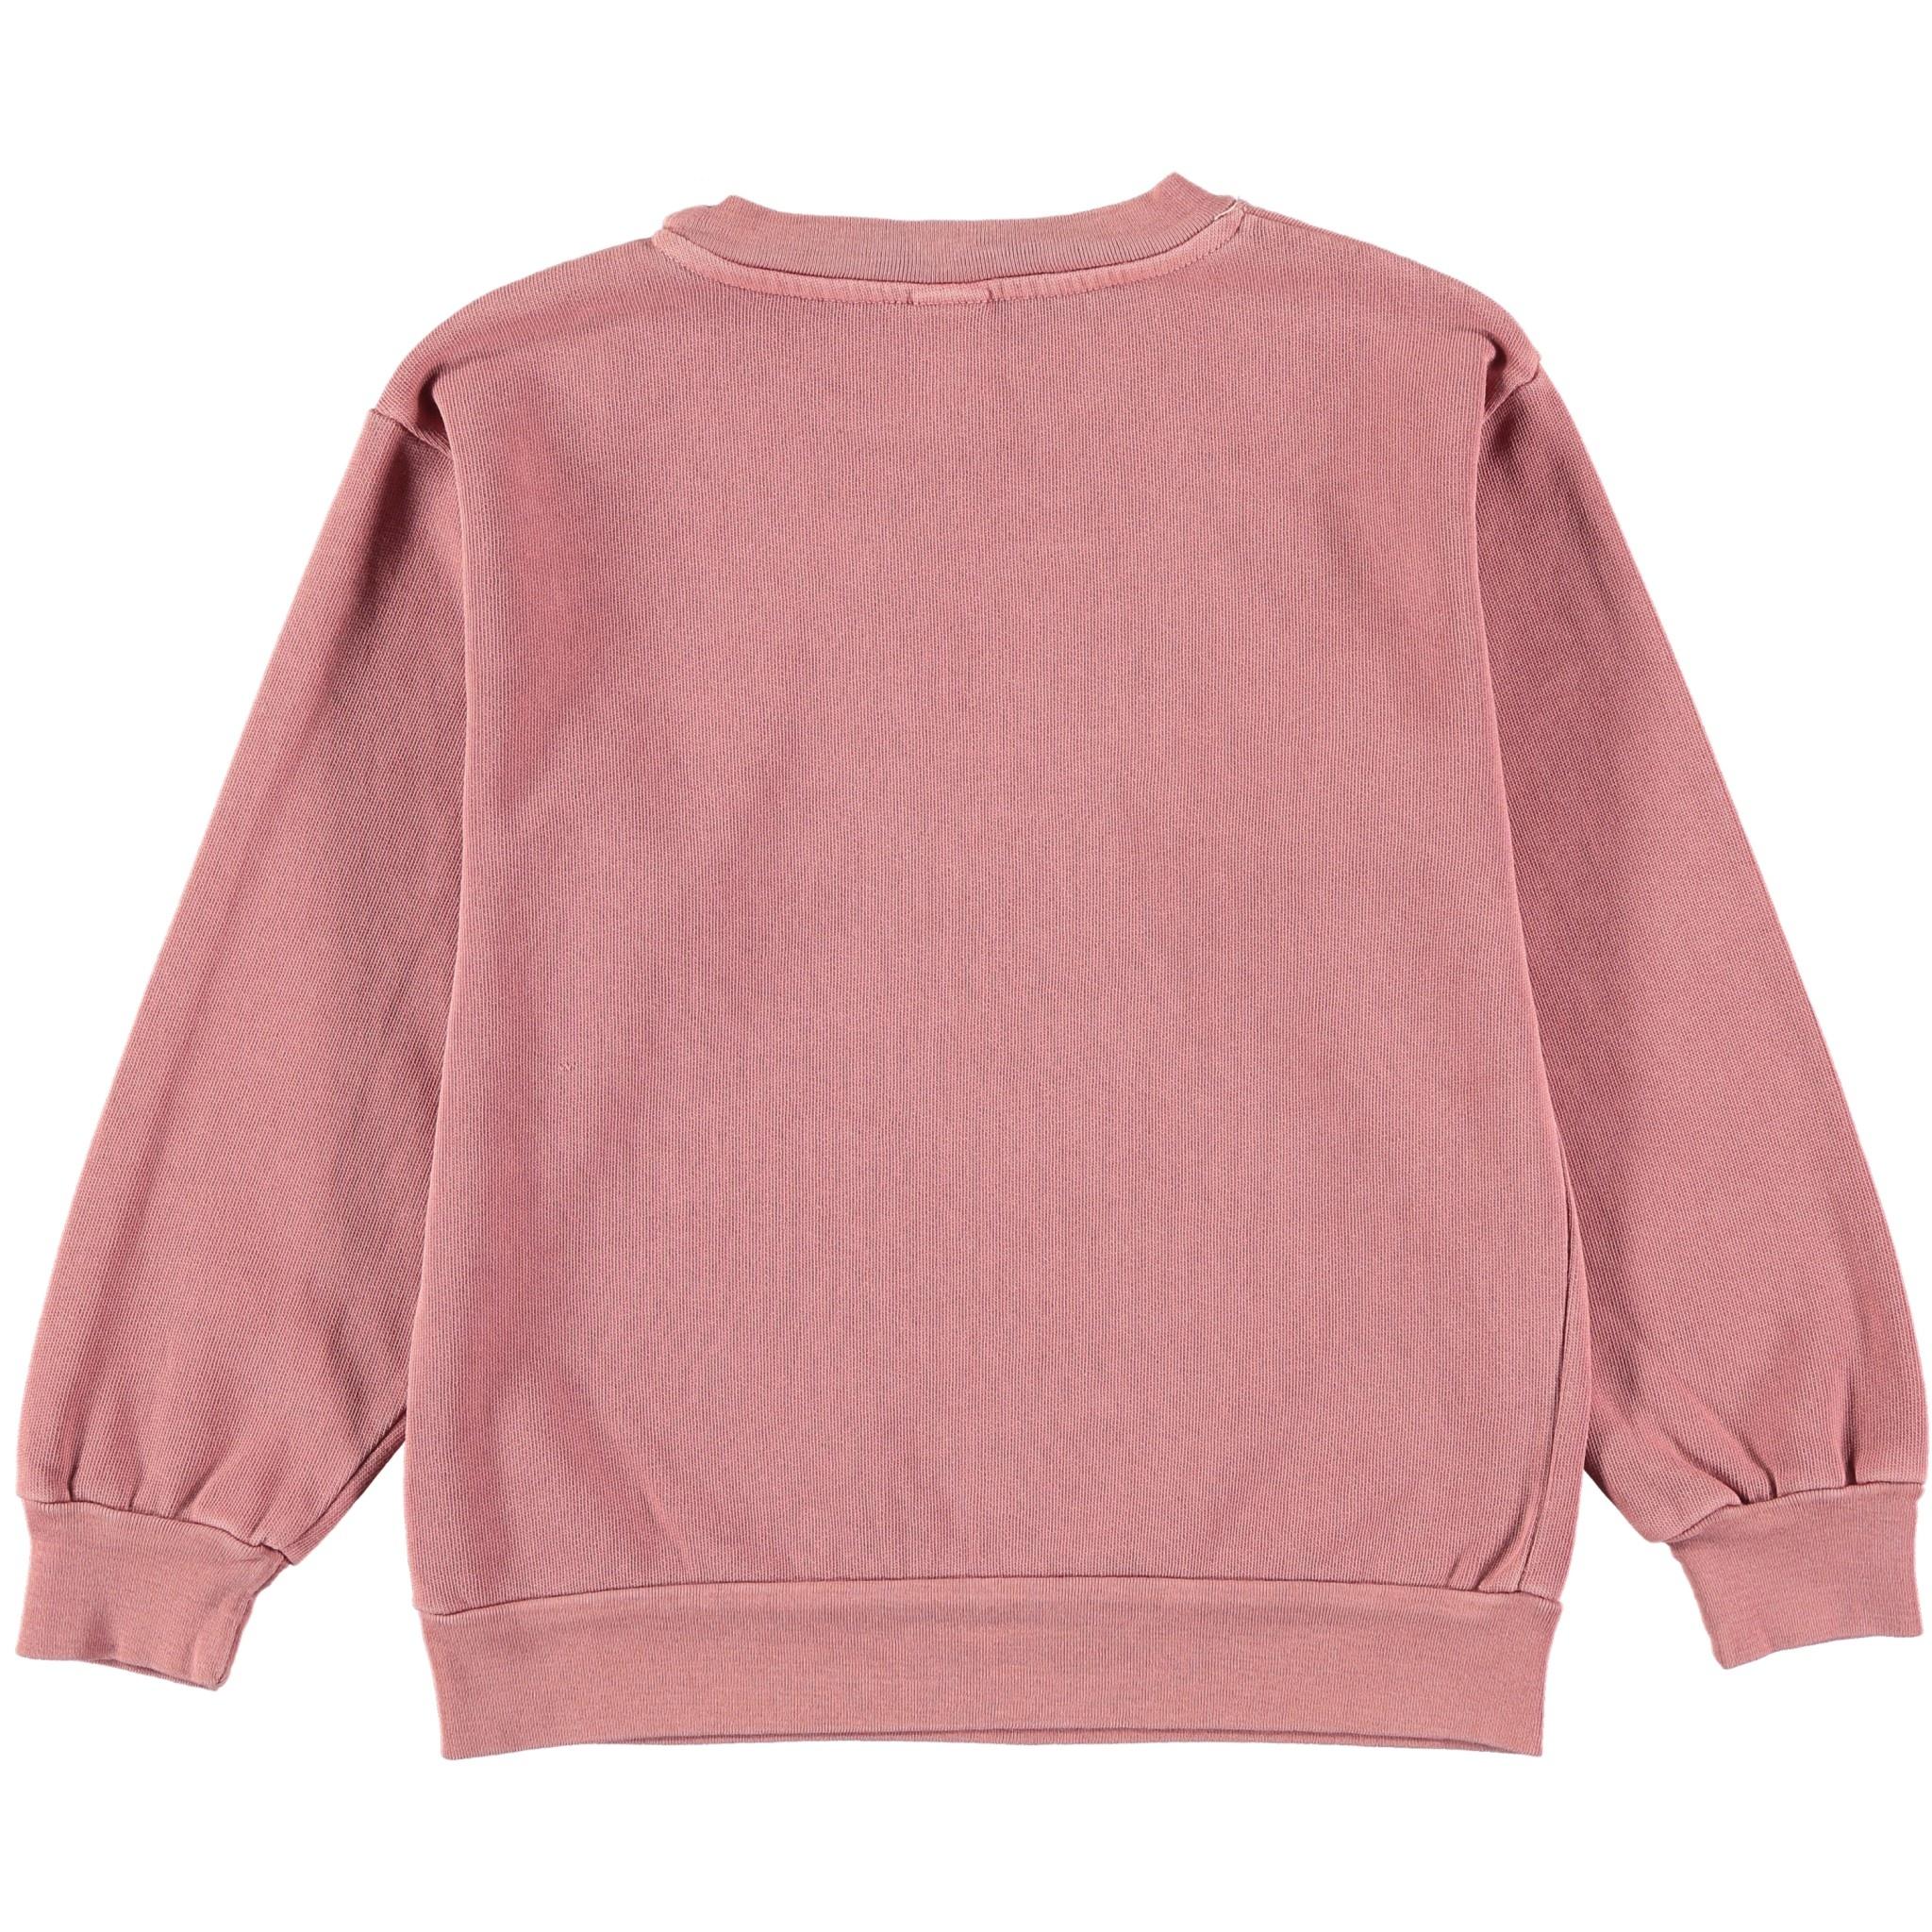 Sweatshirt bonmot mountain rust baby-2